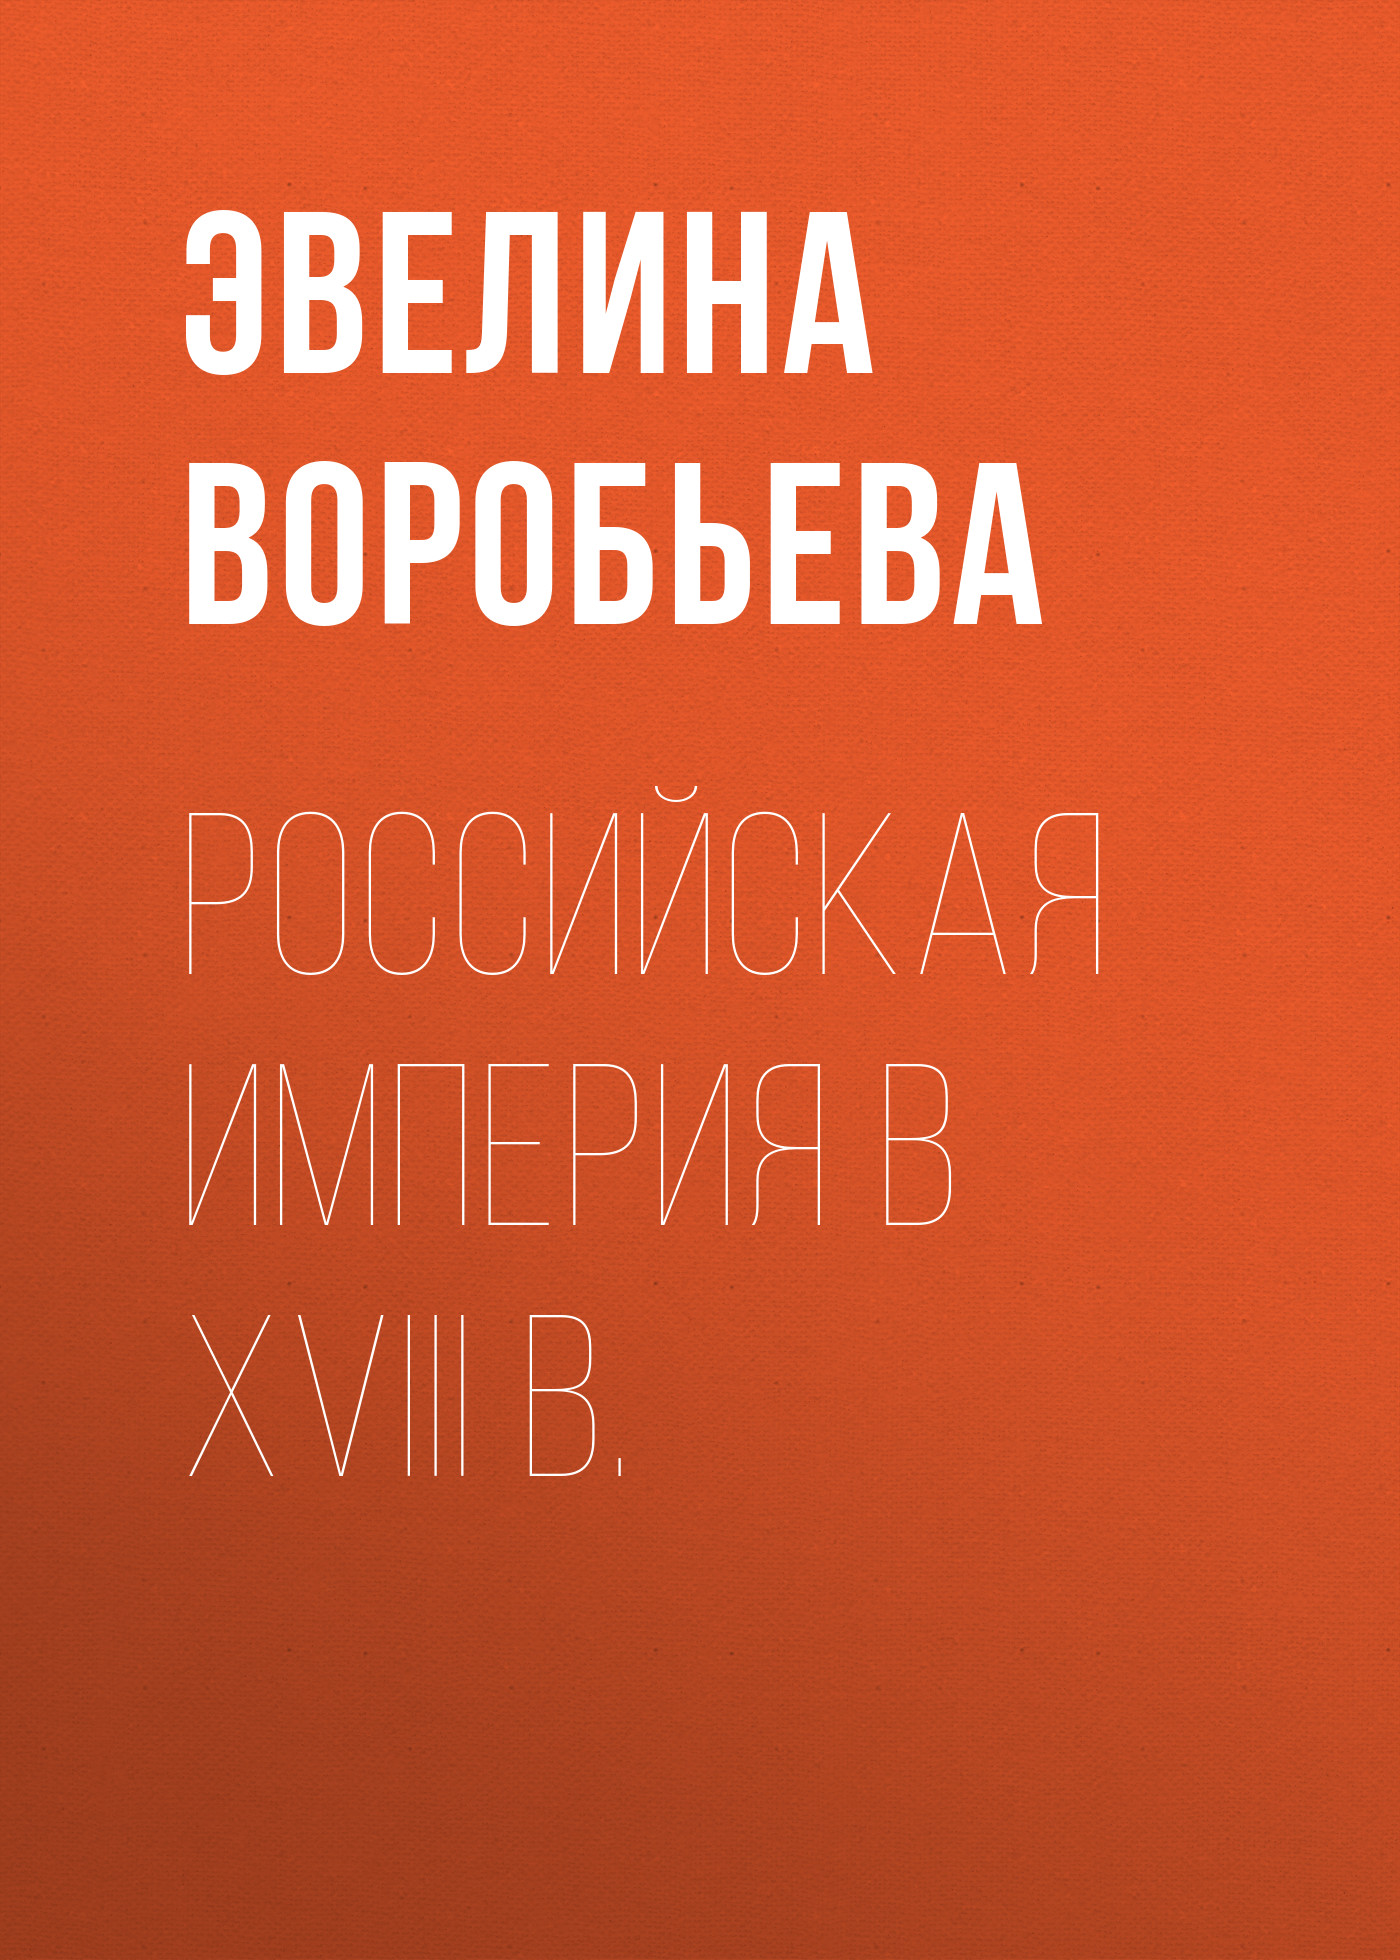 Российская империя в XVIII в.